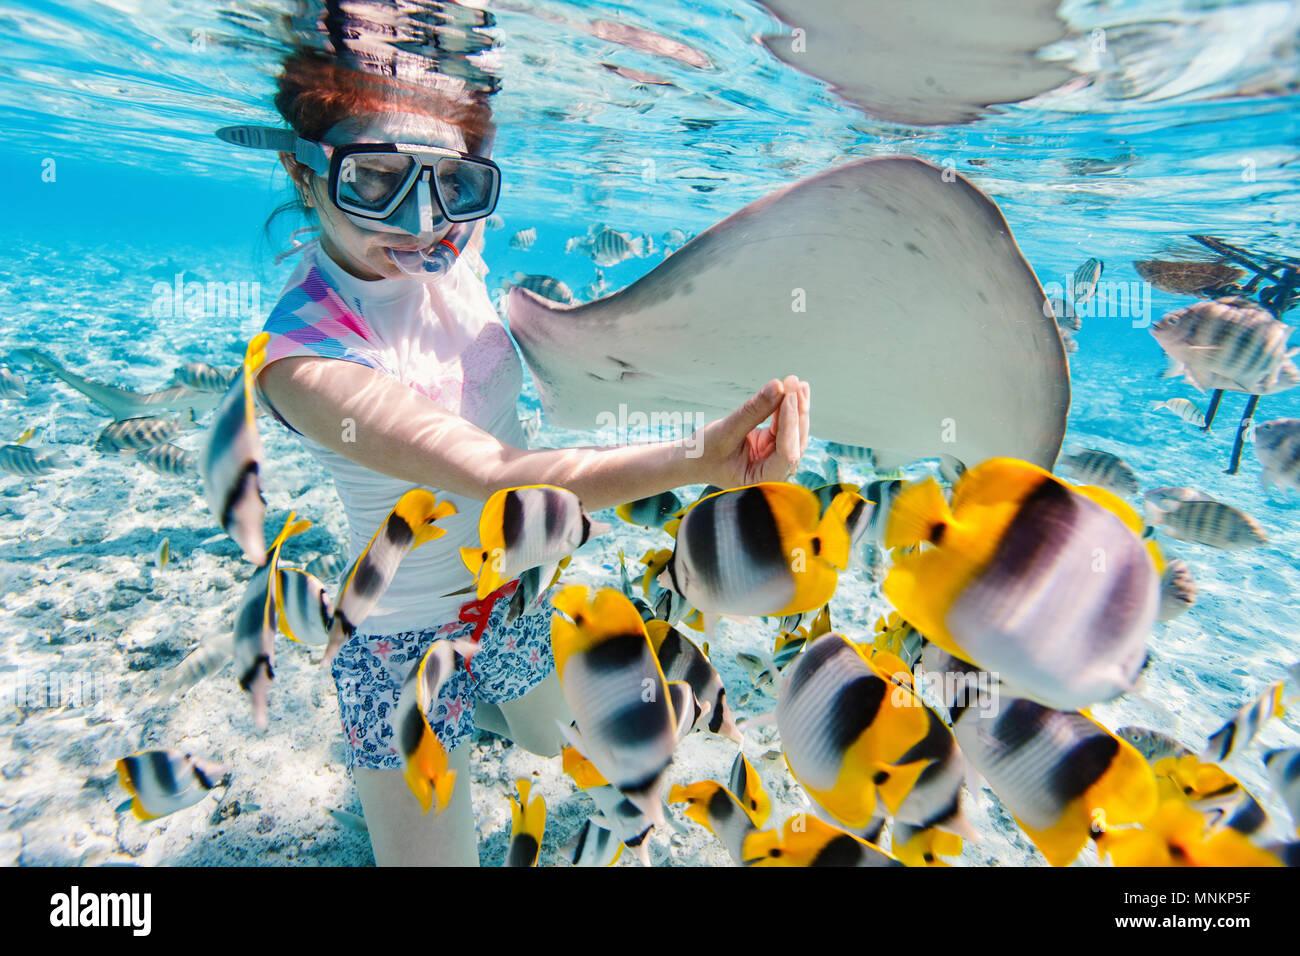 Frau Schnorcheln im klaren tropischen Gewässern unter bunten Fischen Stockbild